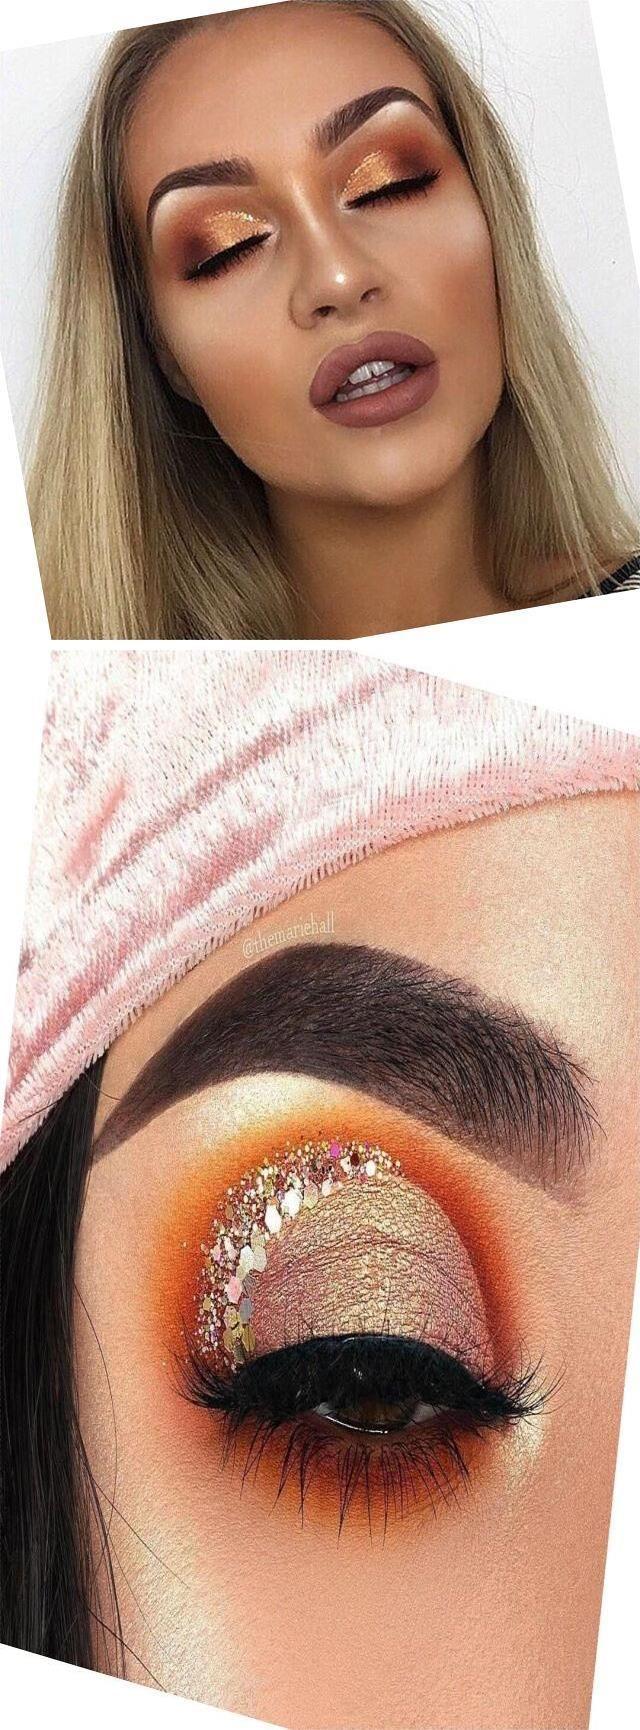 Brown Eyeshadow | Good Waterproof Eyeliner | Best Waterproof Black Eyeliner #goodeyeliner Brown Eyeshadow | Good Waterproof Eyeliner | Best Waterproof Black Eyeliner #goodeyeliner